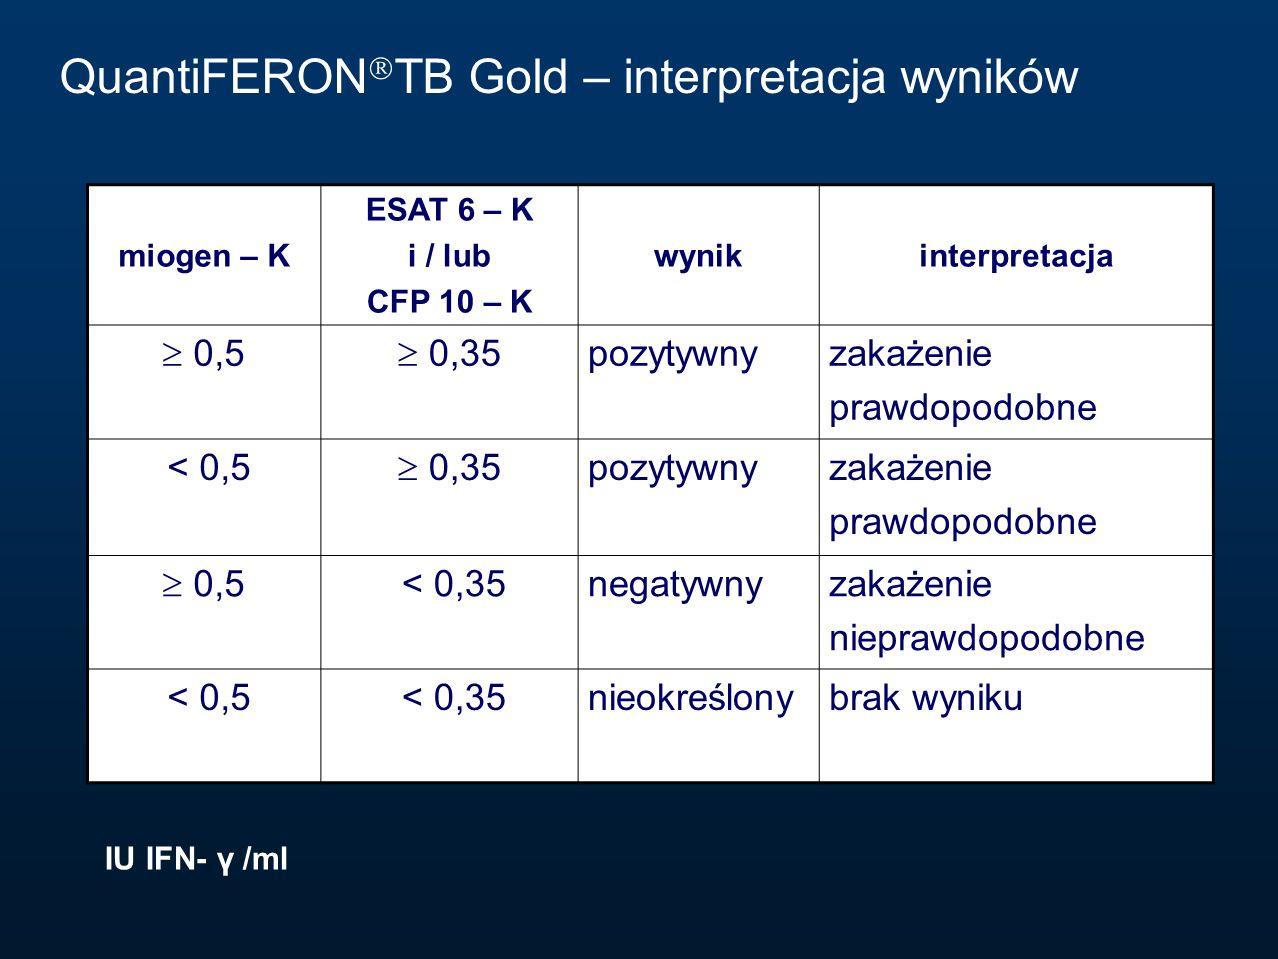 miogen – K ESAT 6 – K i / lub CFP 10 – K wynikinterpretacja  0,5  0,35 pozytywnyzakażenie prawdopodobne < 0,5  0,35 pozytywnyzakażenie prawdopodobn